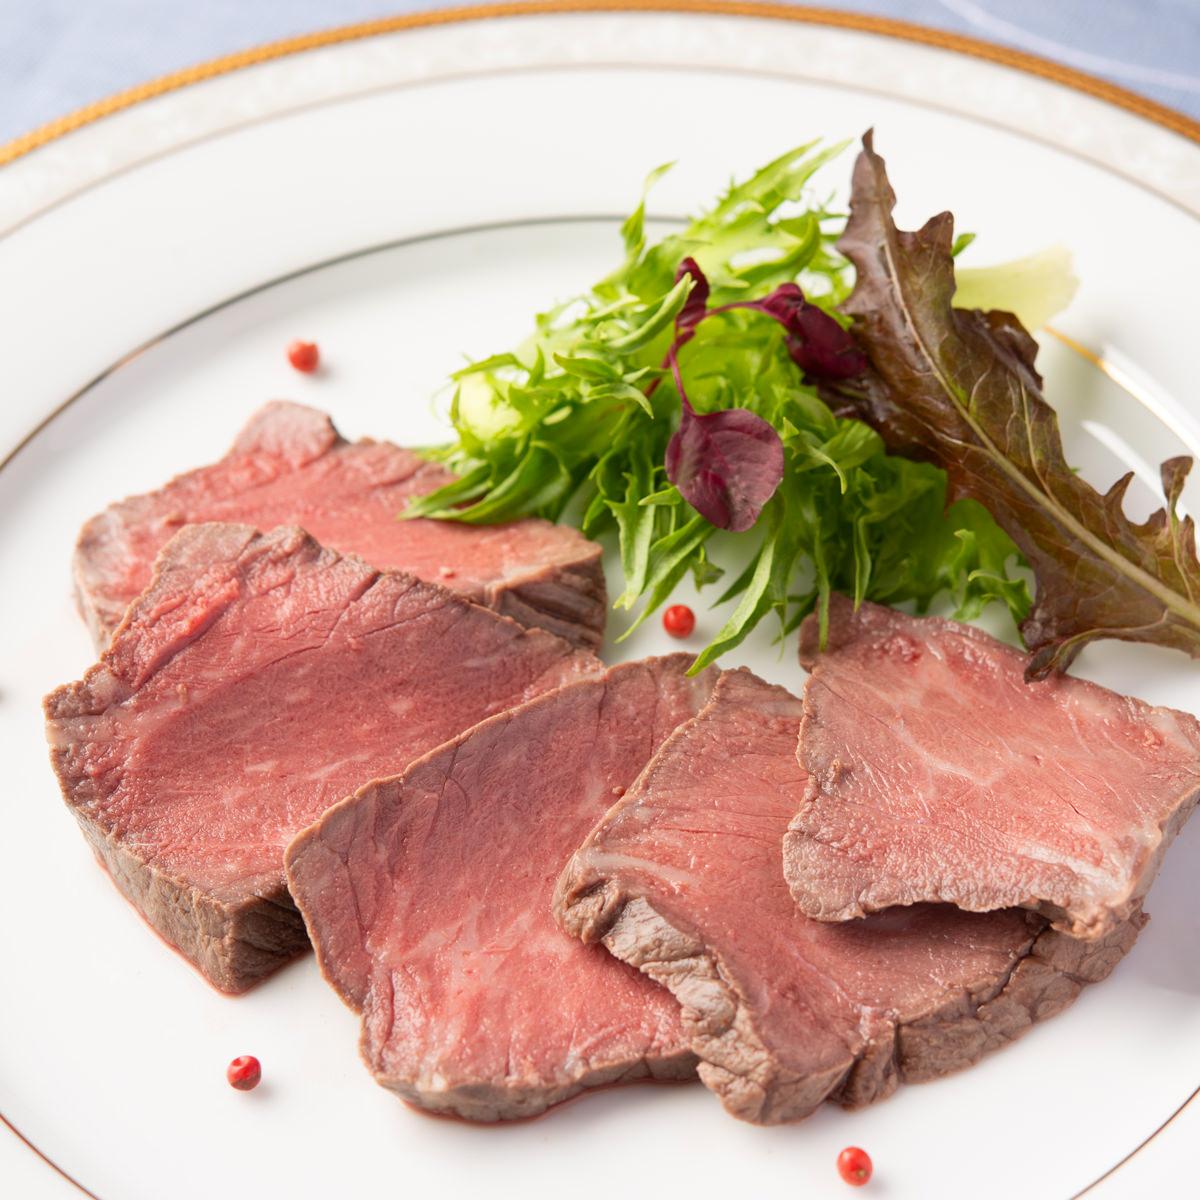 飛騨牛ローストビーフ 〔280g以上不定貫×2〕 岐阜県 牛肉 シーポート